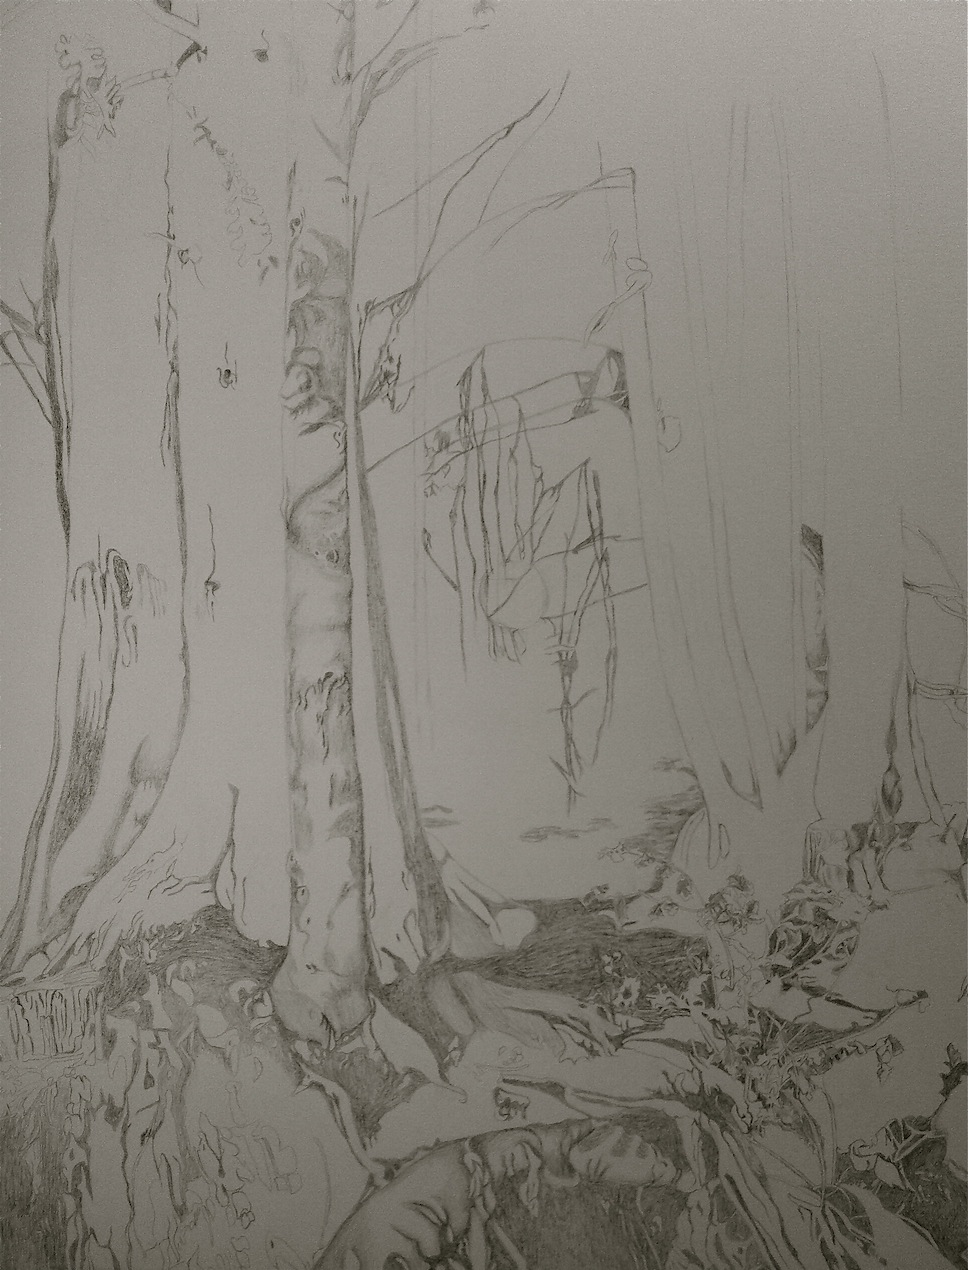 tree-sketch.jpg